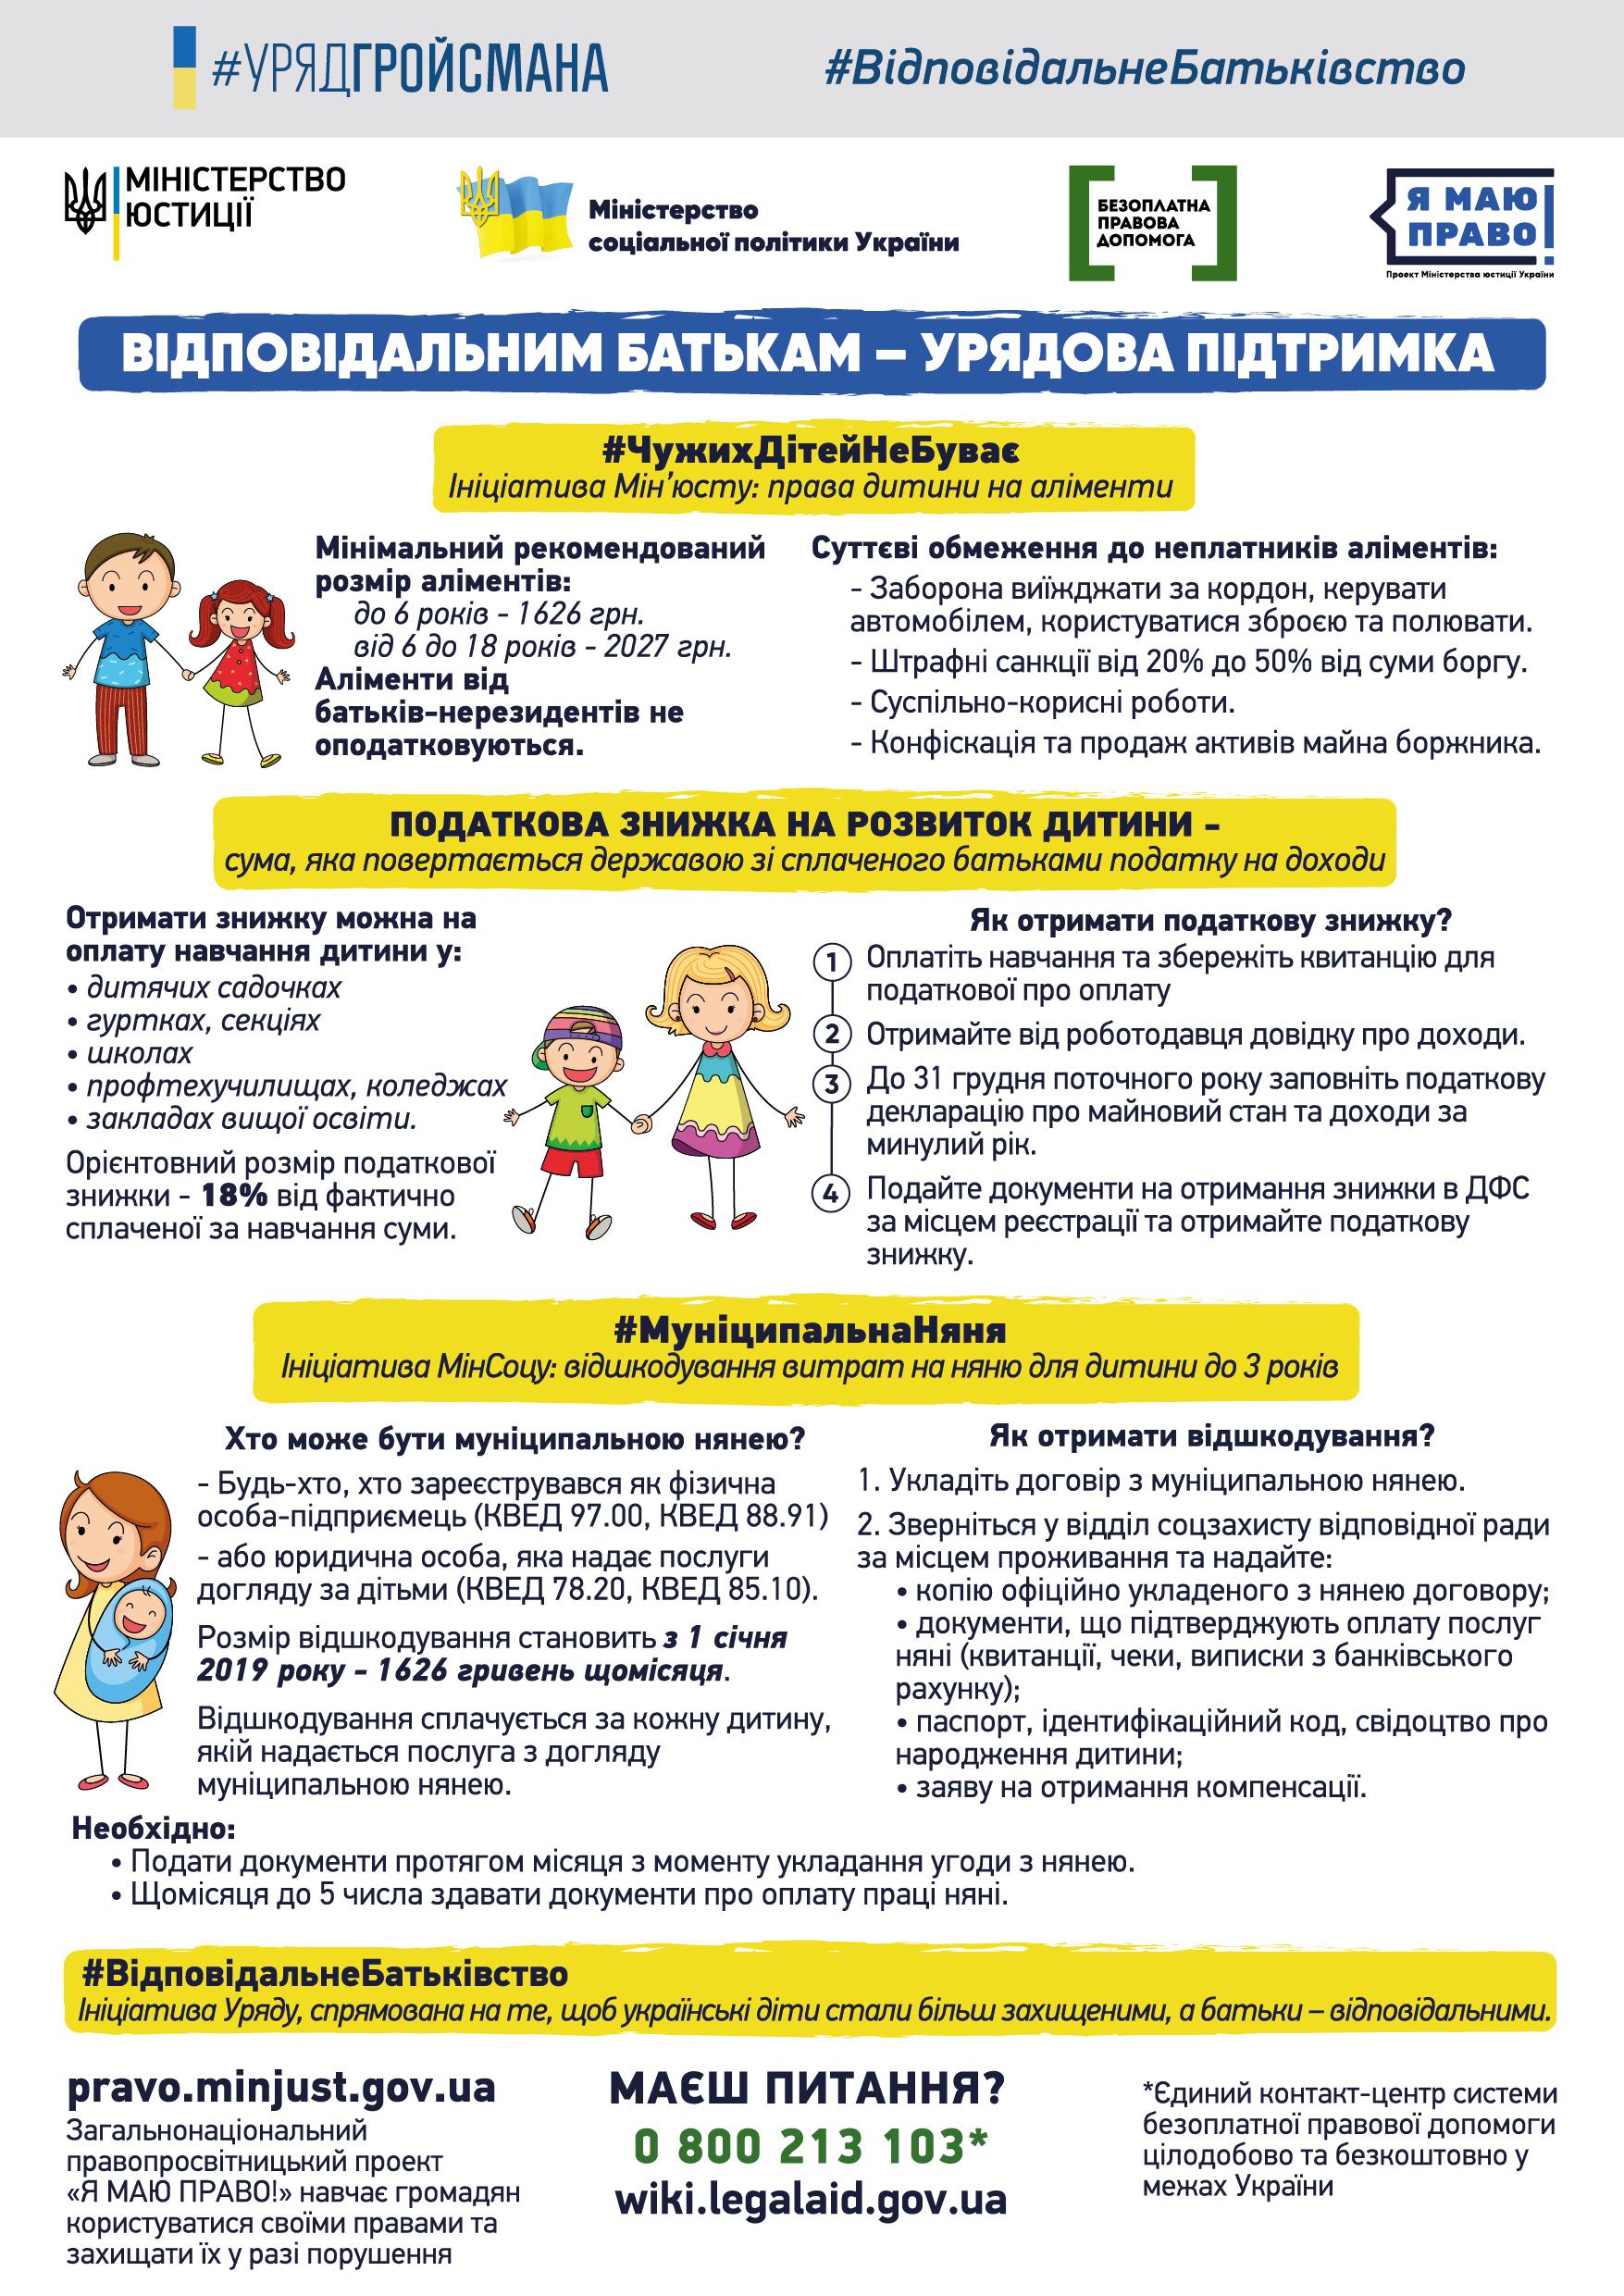 Плакат_батьківство_v3_print_A3_v3.jpg